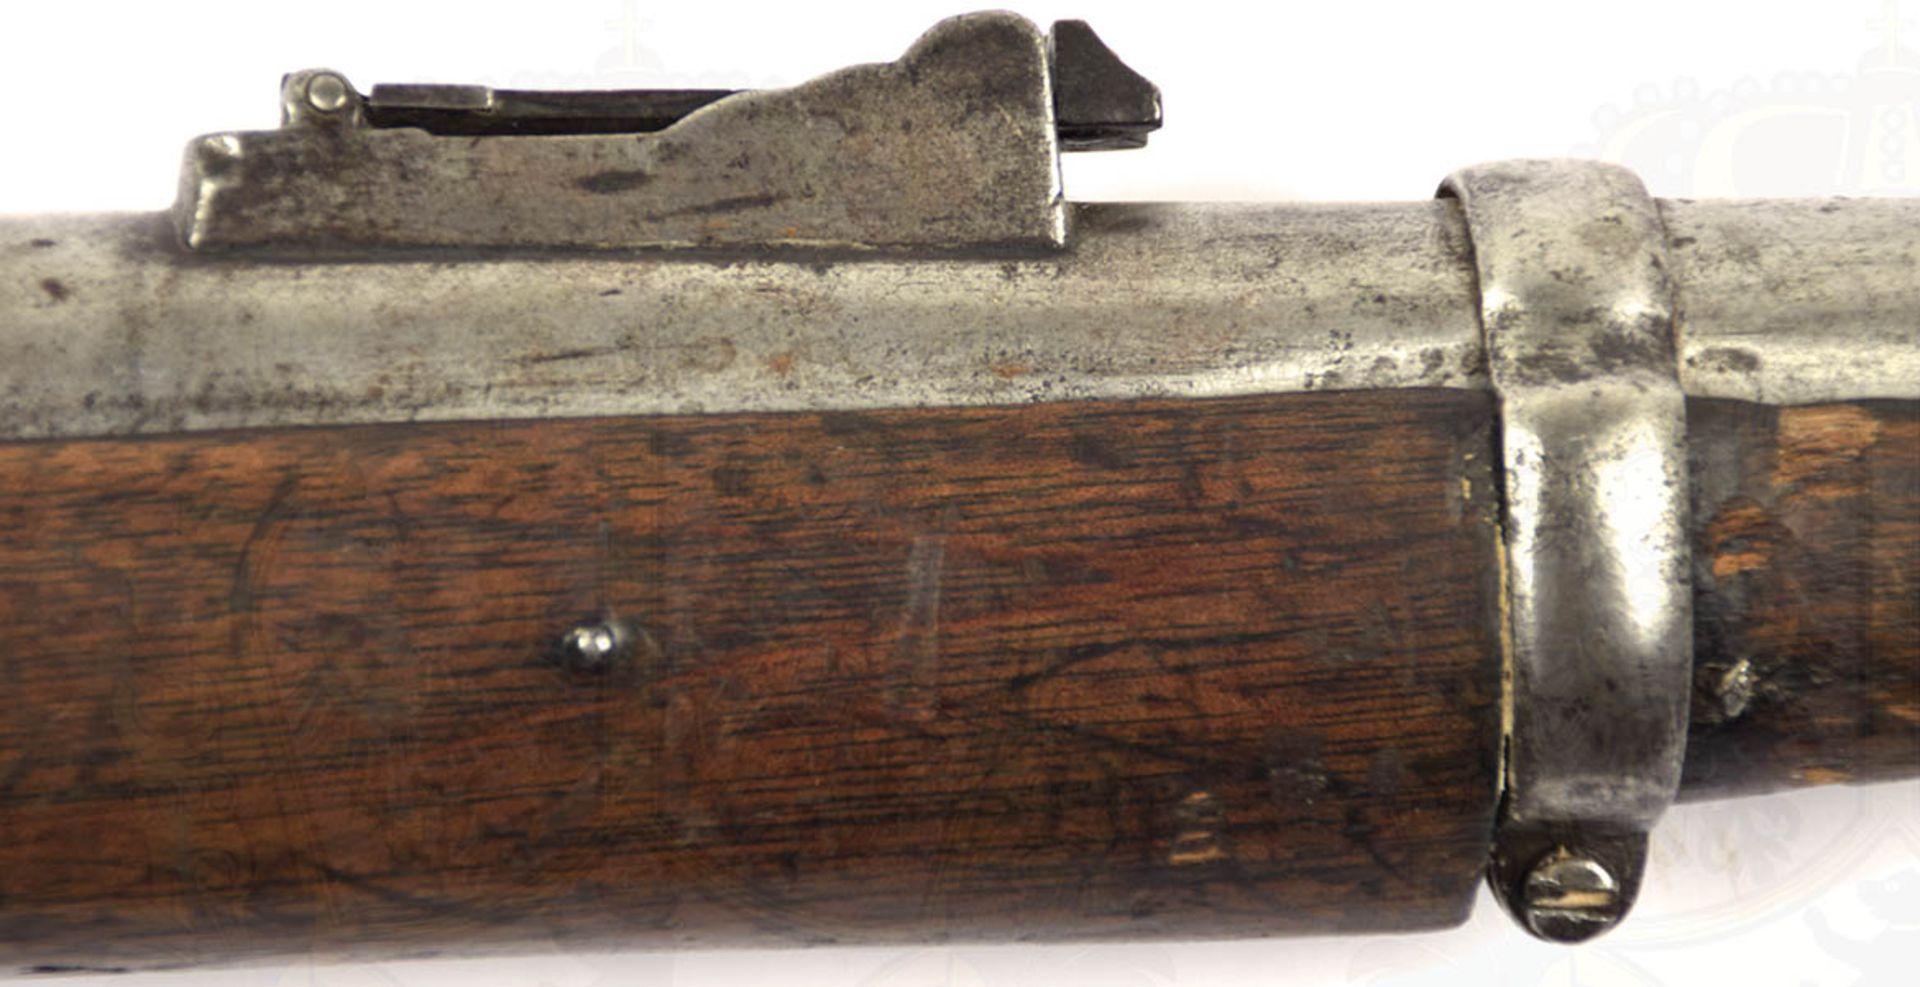 PERKUSSIONSGEWEHR, Enfield, England, um 1850, glatter Lauf, ca. Kal. 16 mm, m. Klappvisier, diese m. - Bild 3 aus 4